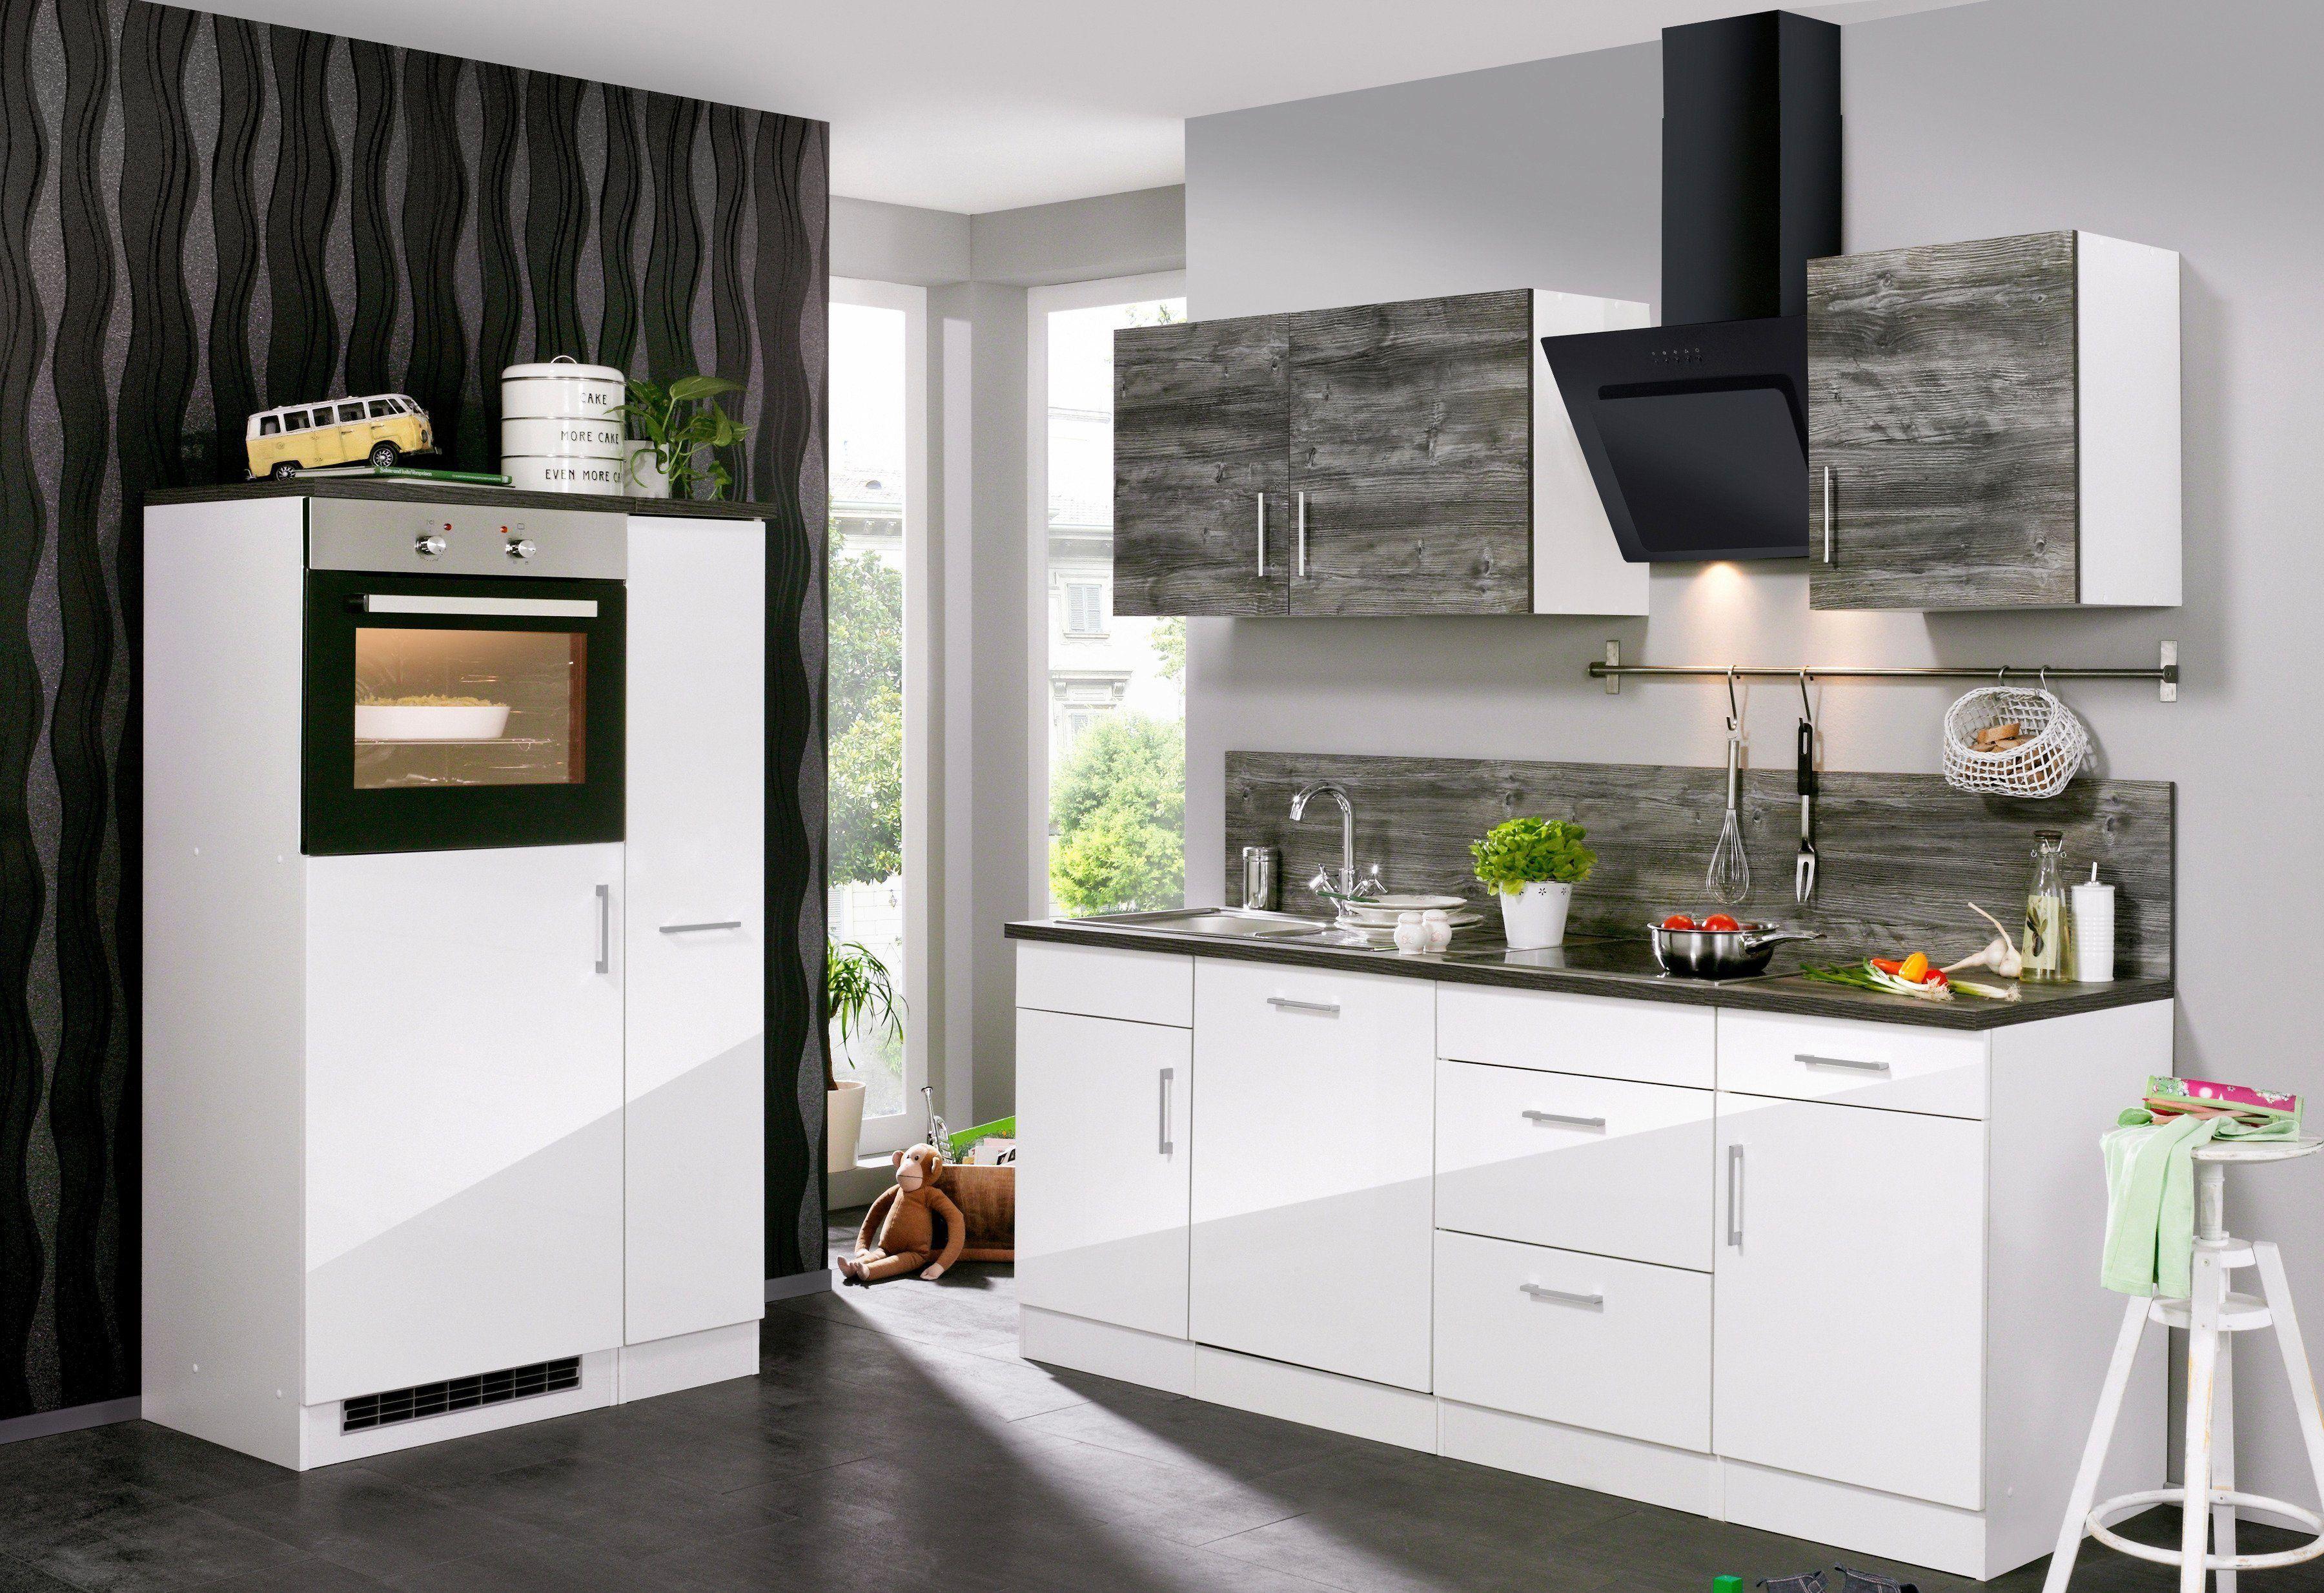 Held MÖbel Backofen Kühlumbauschrank Wien Höhe 165 Cm In 2021 Schrank Küche Küchenprodukte Haus Küchen